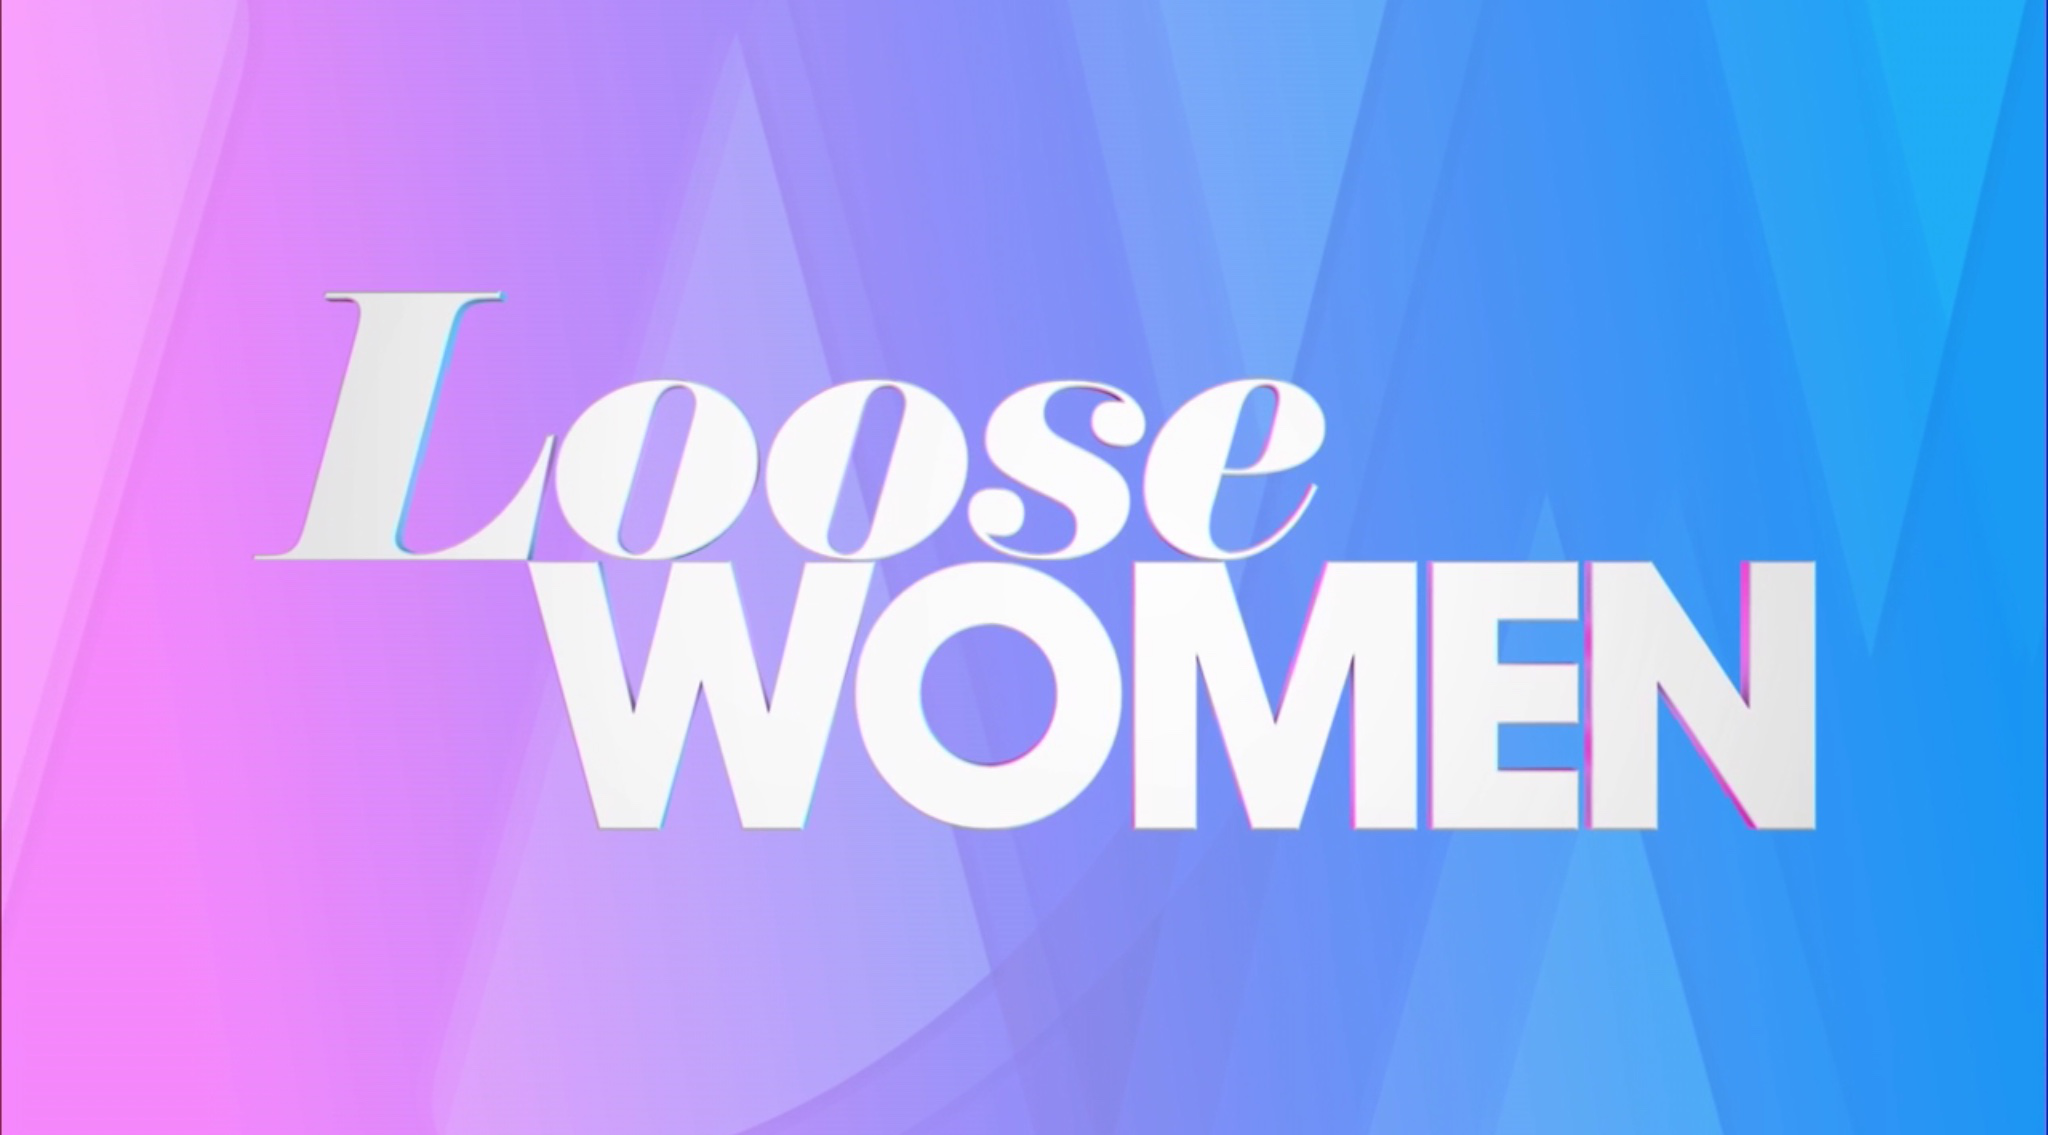 23f02791097964 Loose Women - Wikipedia